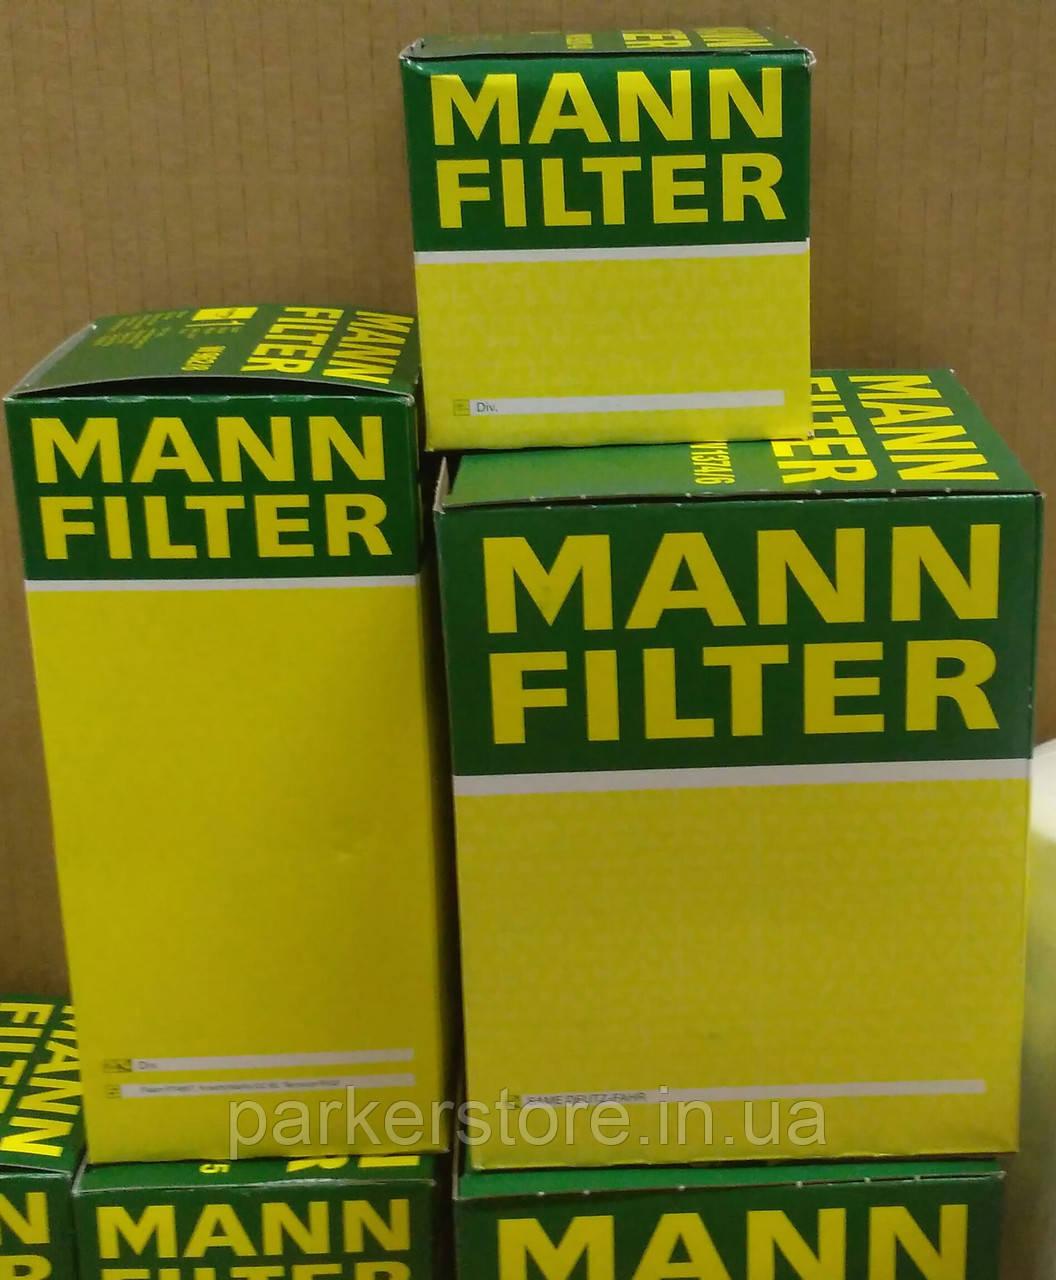 MANN FILTER / Повітряний фільтр / C 31 1226 / C311226